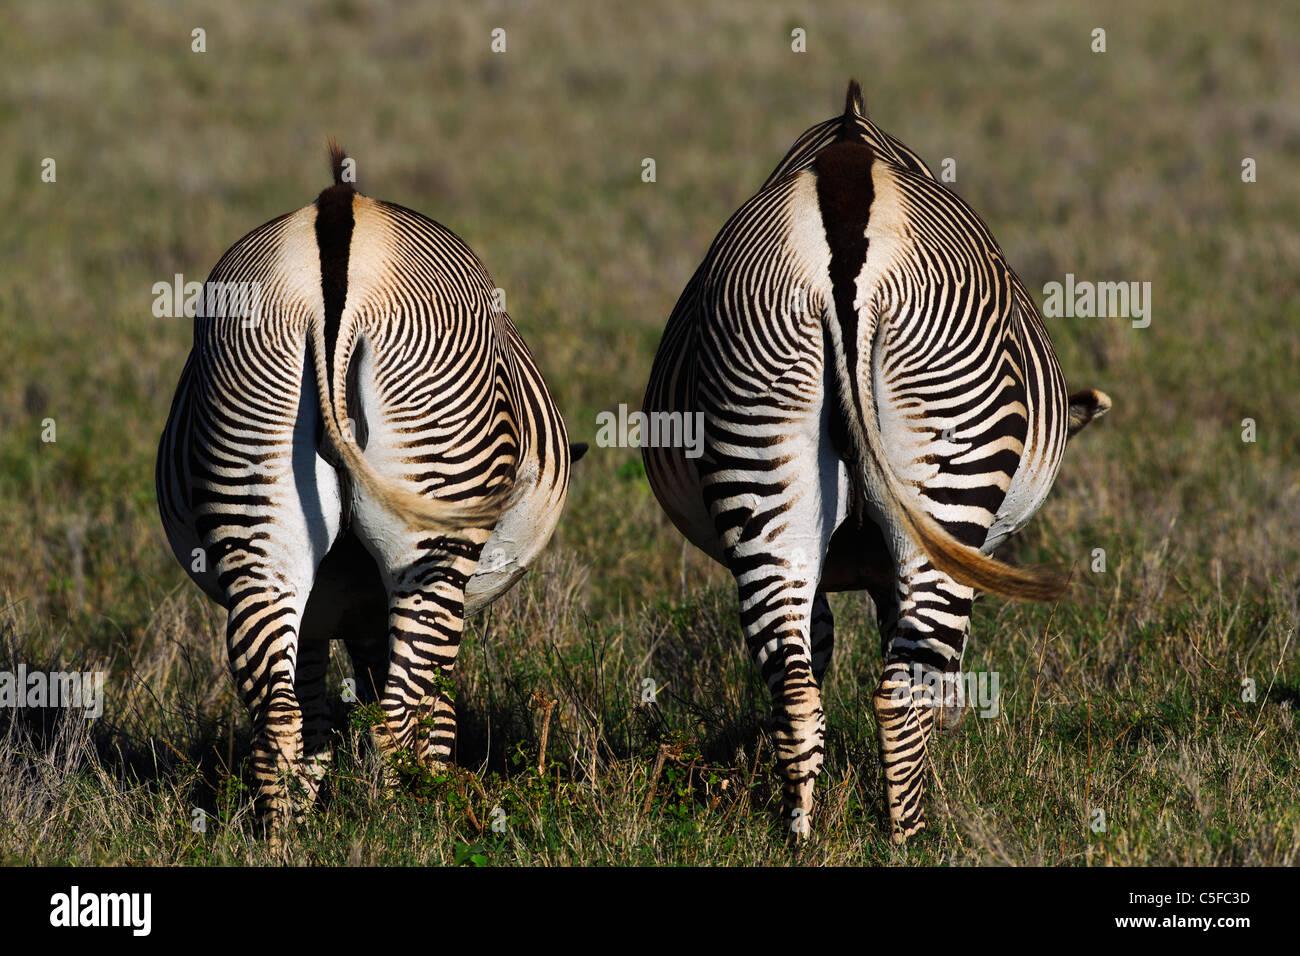 La Cebra de Grevy (Equus grevyi). Kenya Imagen De Stock